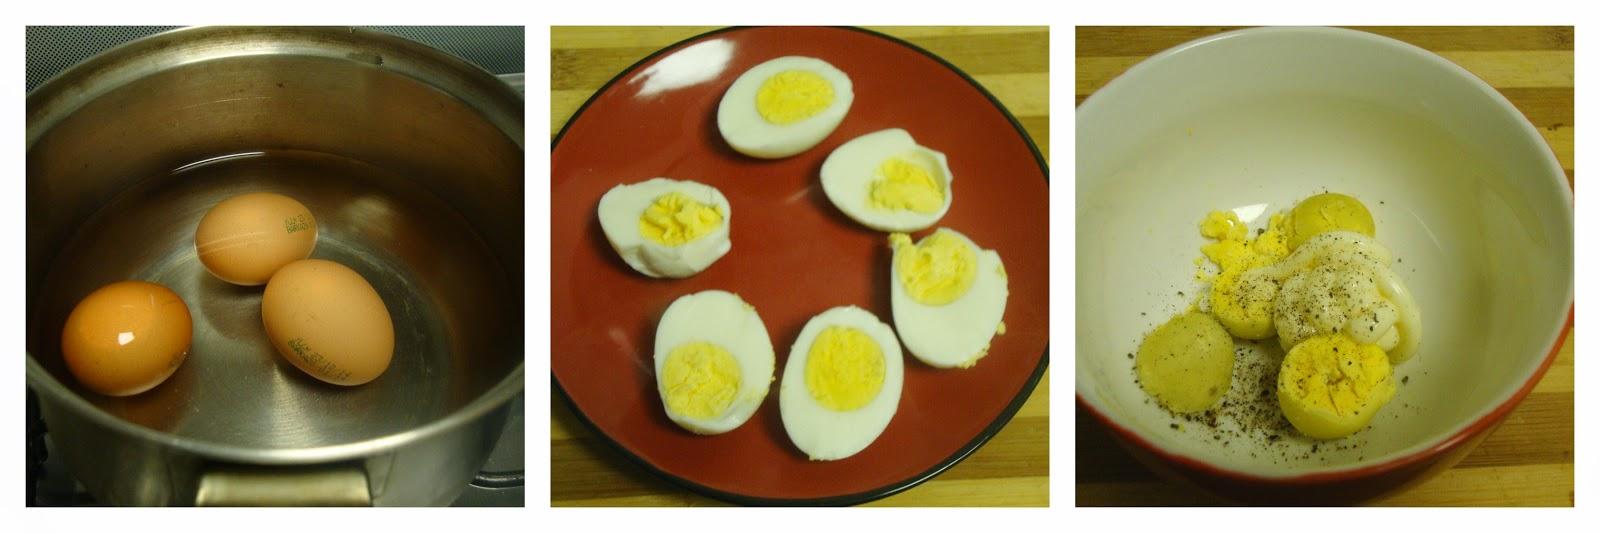 Special Deviled Eggs Recipe — Dishmaps